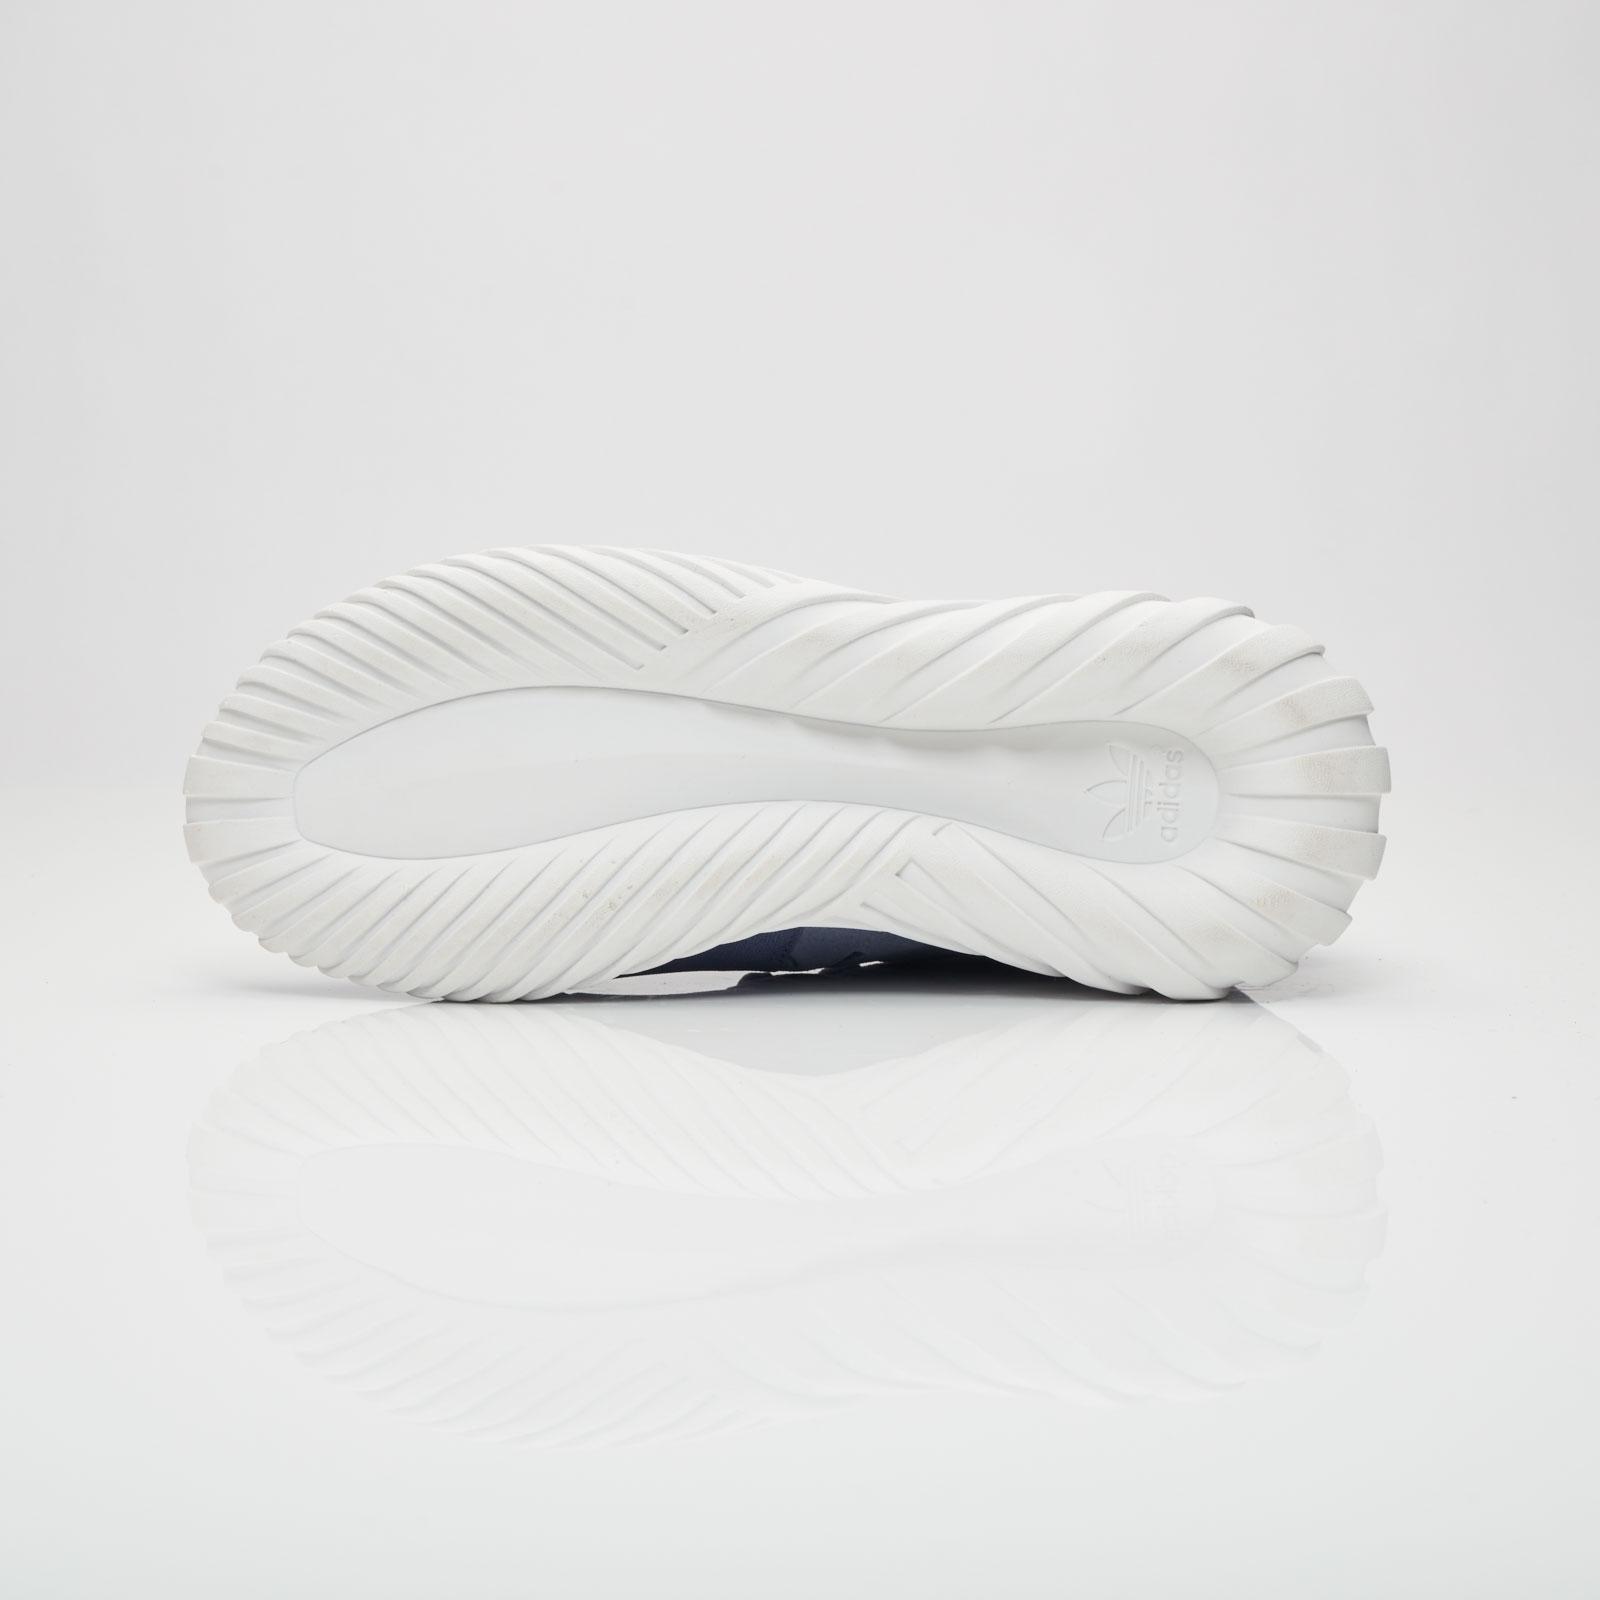 pretty nice 01d7a 9ce0f adidas Originals Tubular Doom PK - 6. Close